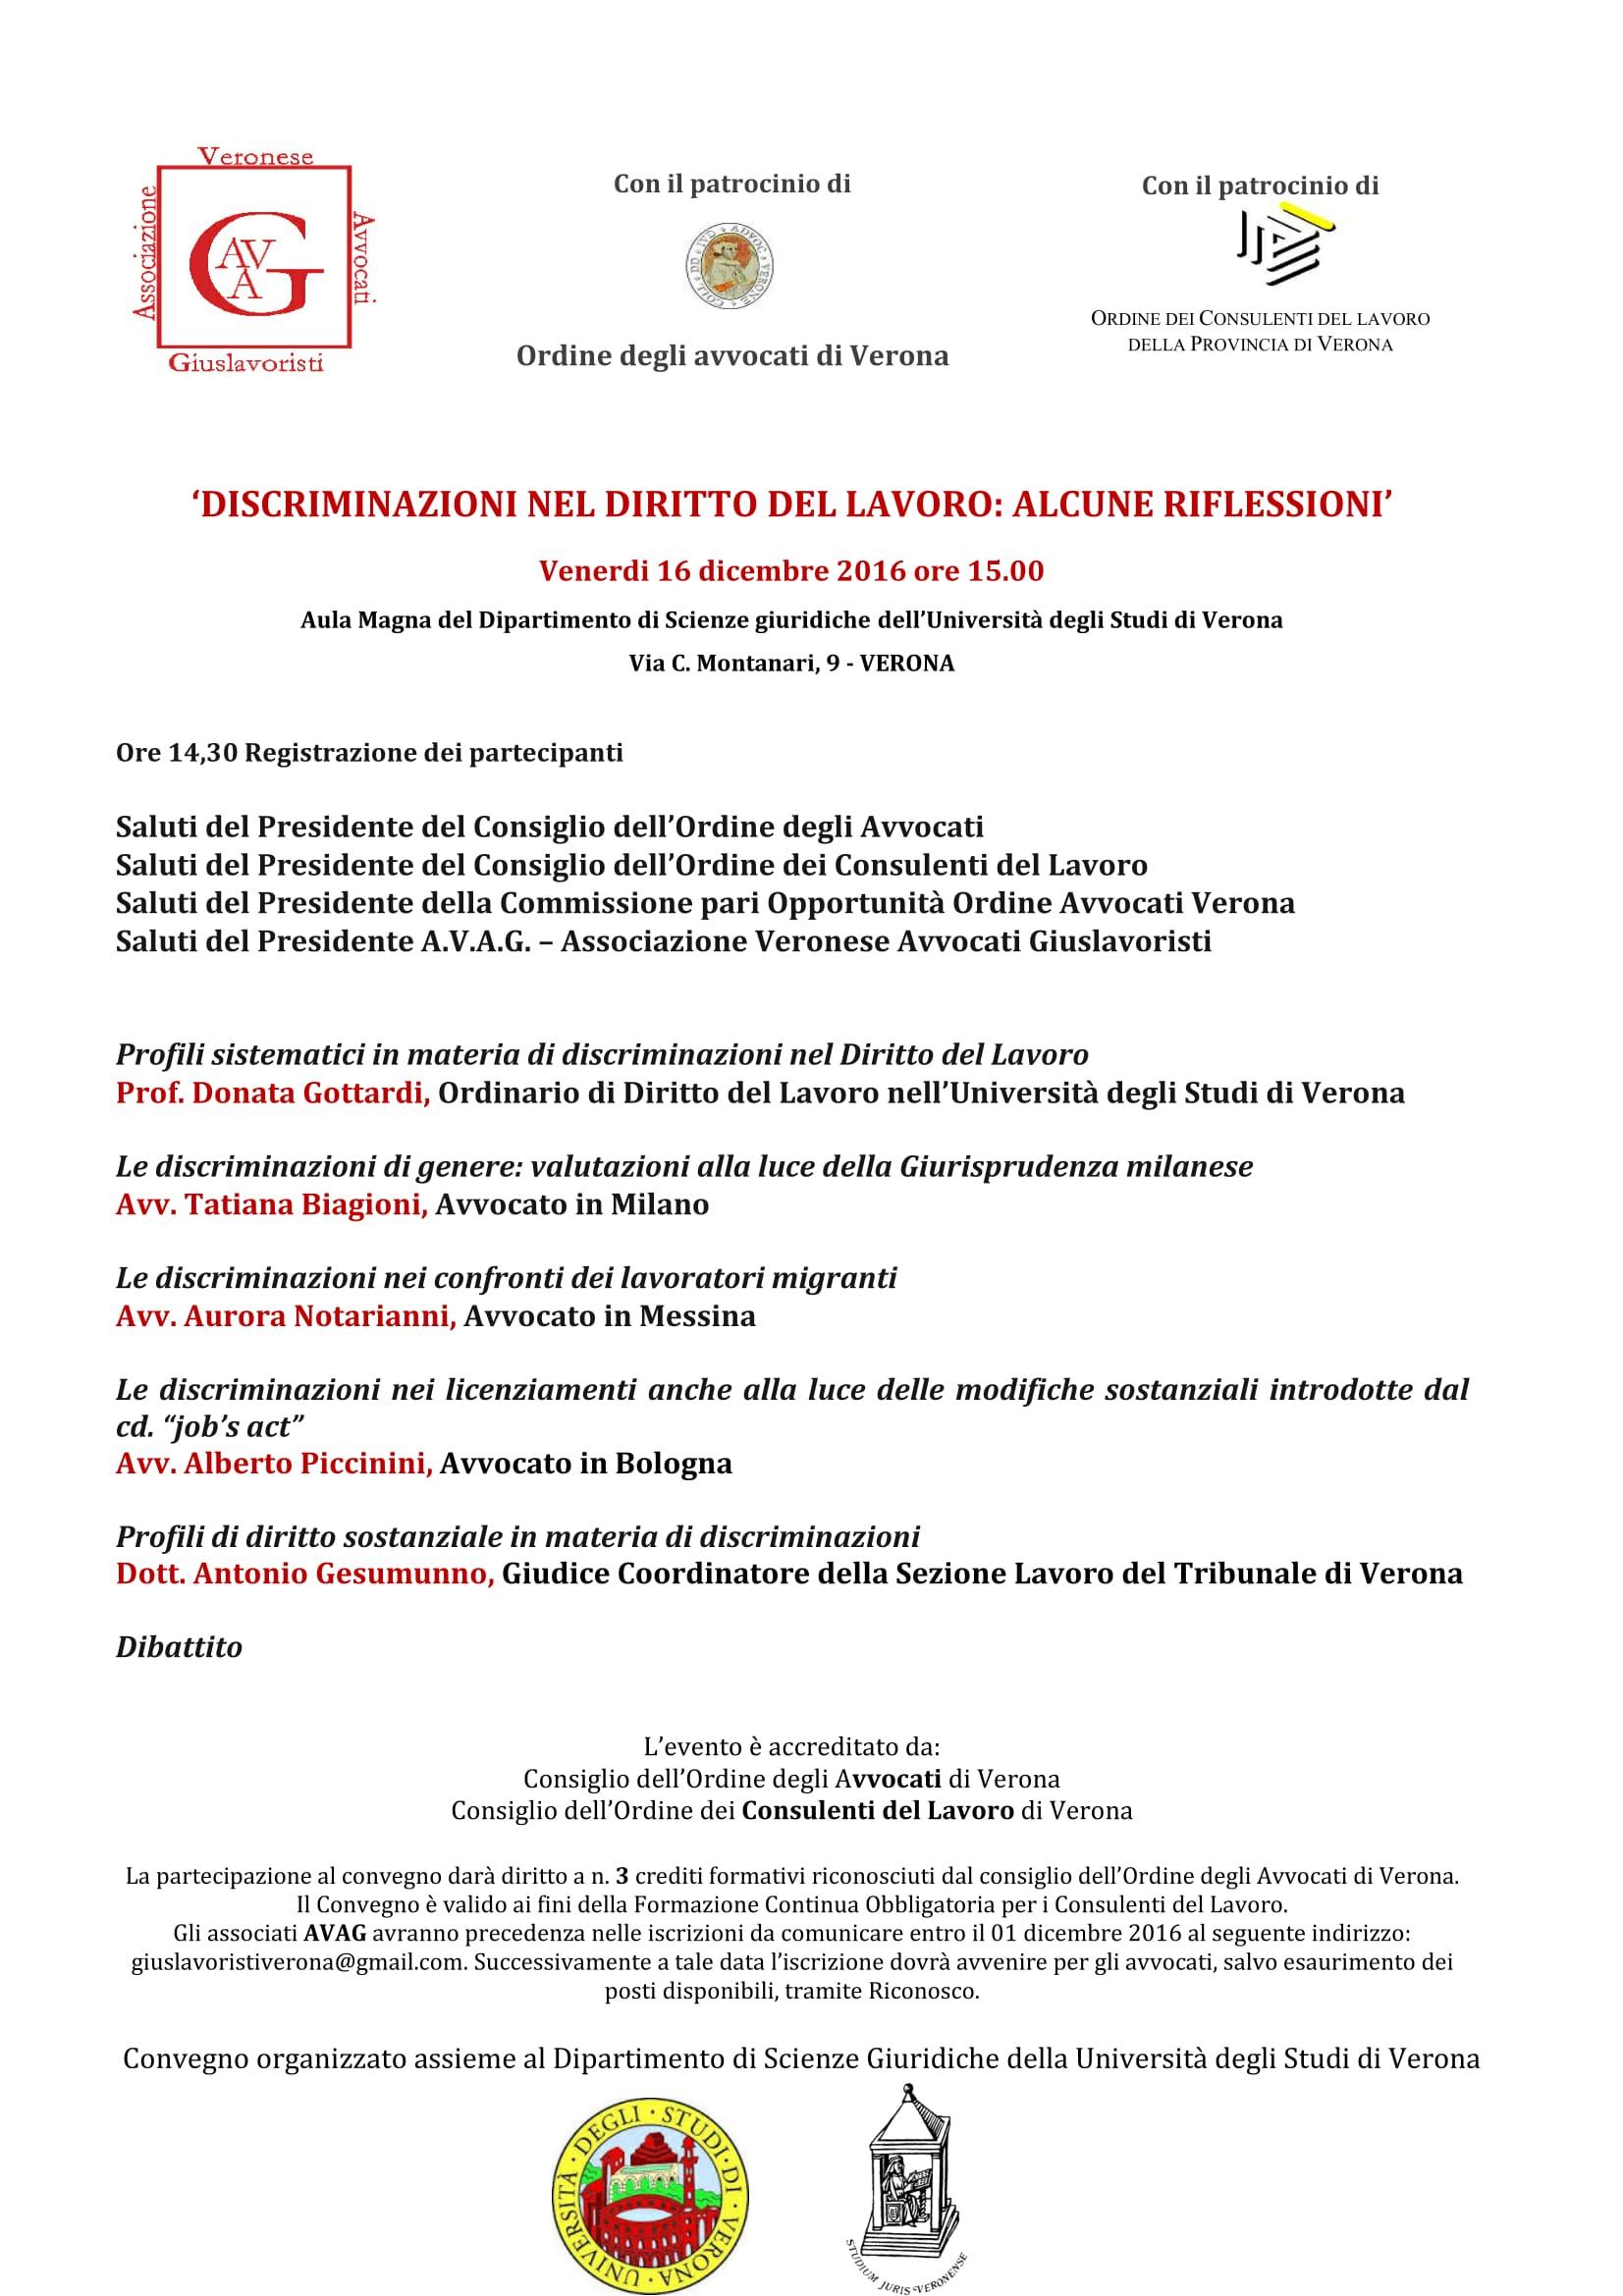 locandina-convegno-discriminazioni-16-dicembre-2016-1